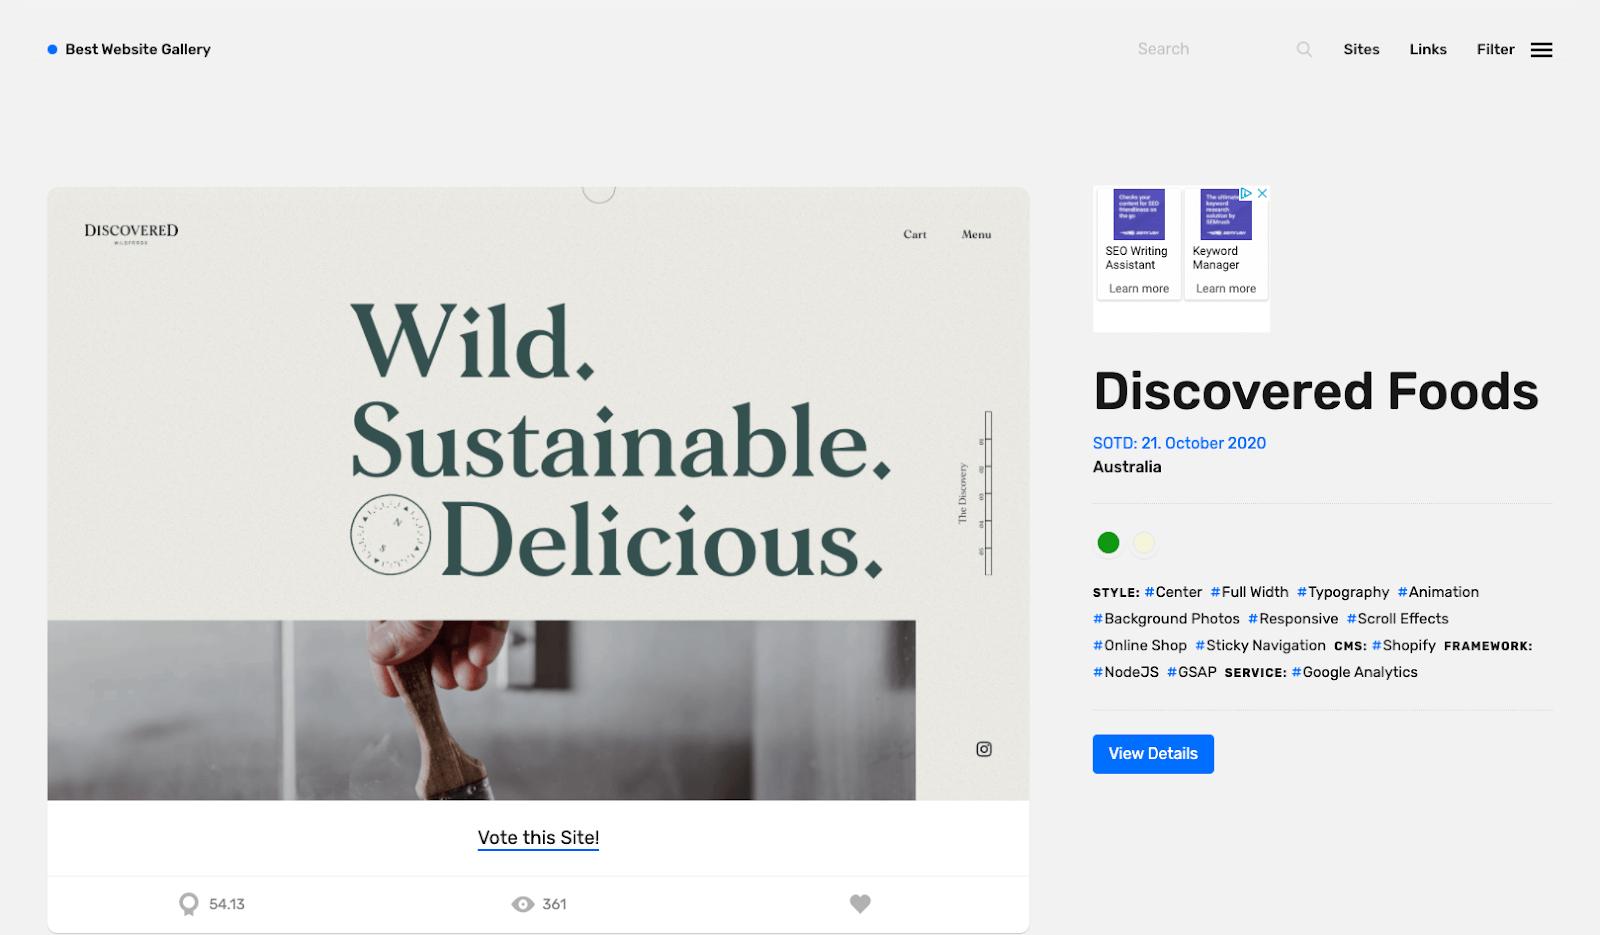 Screenshot of Best Website Gallery homepage